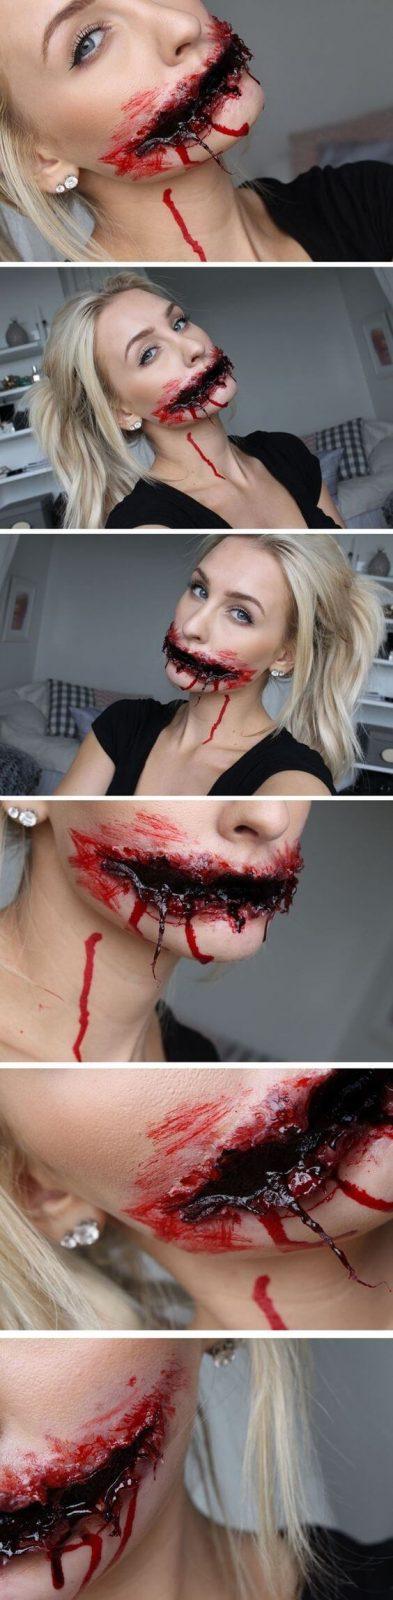 Blutiger Mund Halloween Masken und Makeup-Ideen